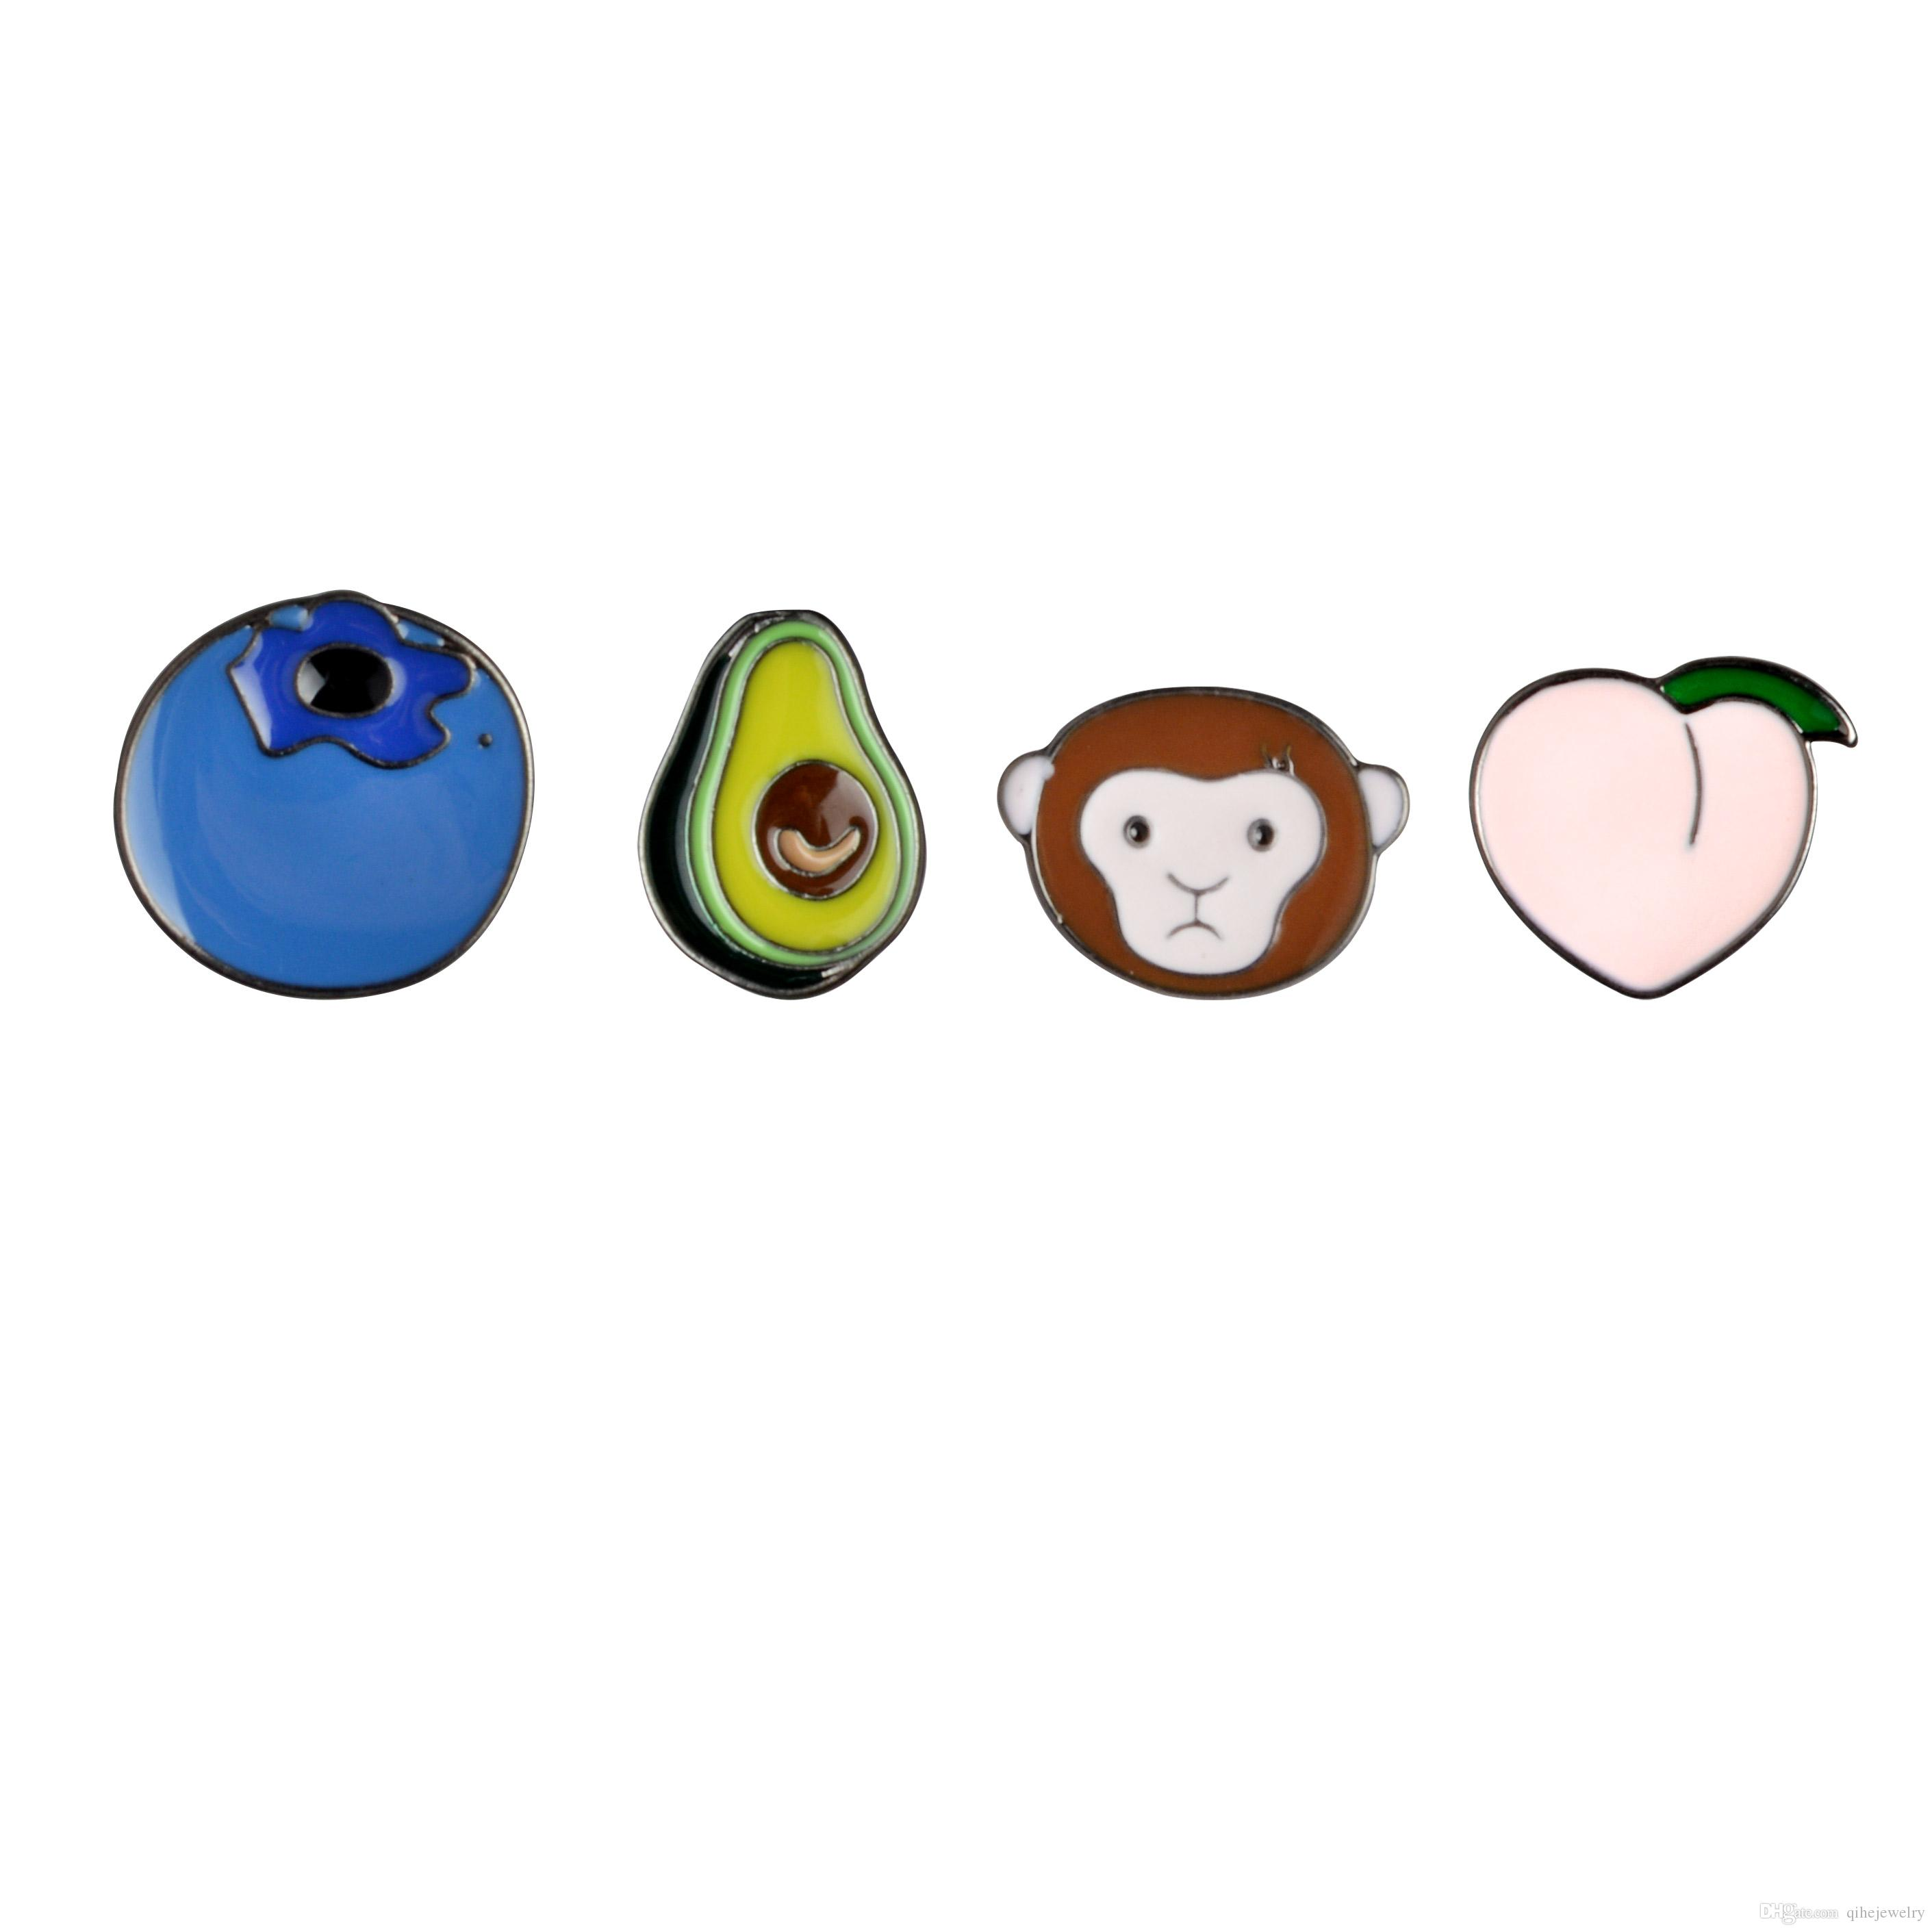 Sevimli Rozet Avokado Maymun Şeftali Blueberry Metal Broş Emaye Pim Gömlek Yaka Okul Üniforma Dekorasyon Çocuk Hediye